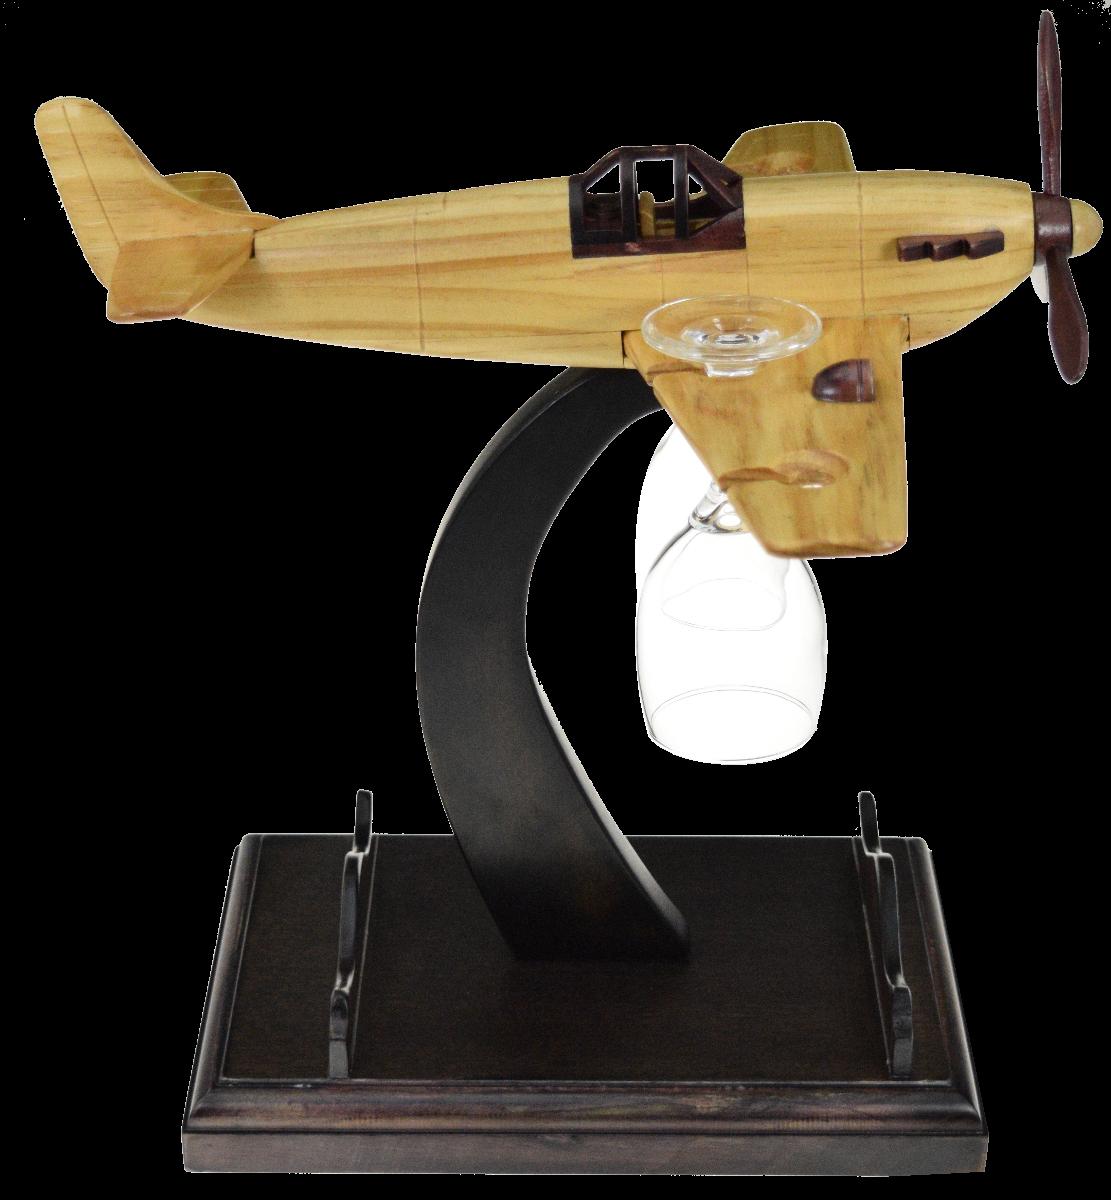 Vino hangar, airplane bottle holder